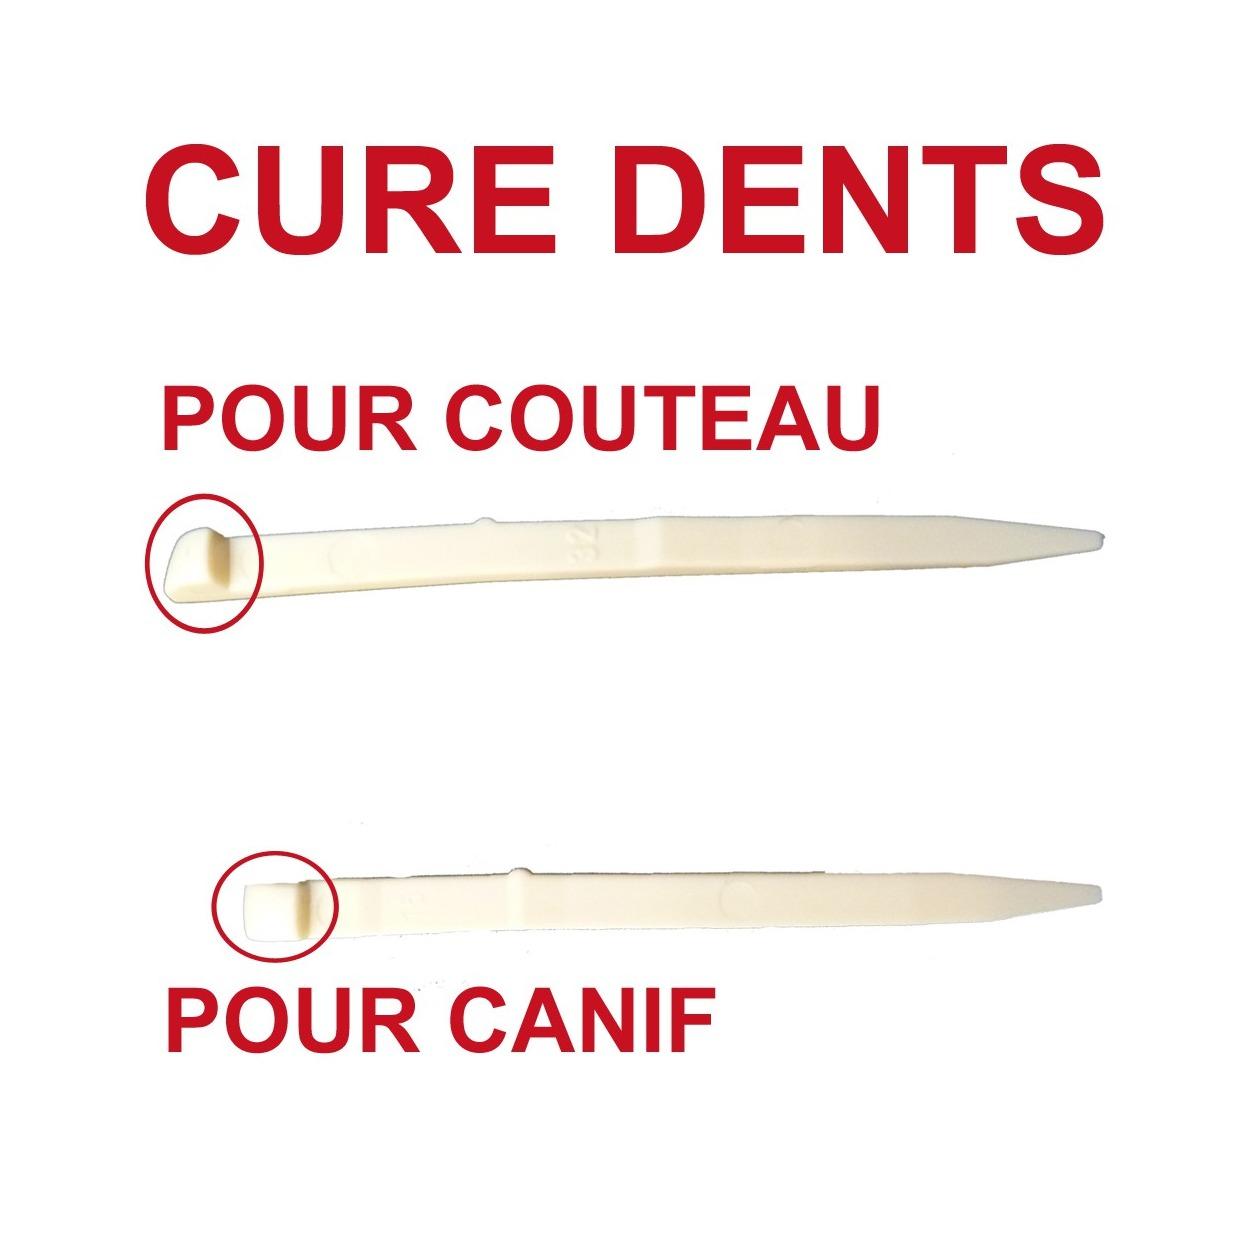 cure dents pour couteau suisse ou canif